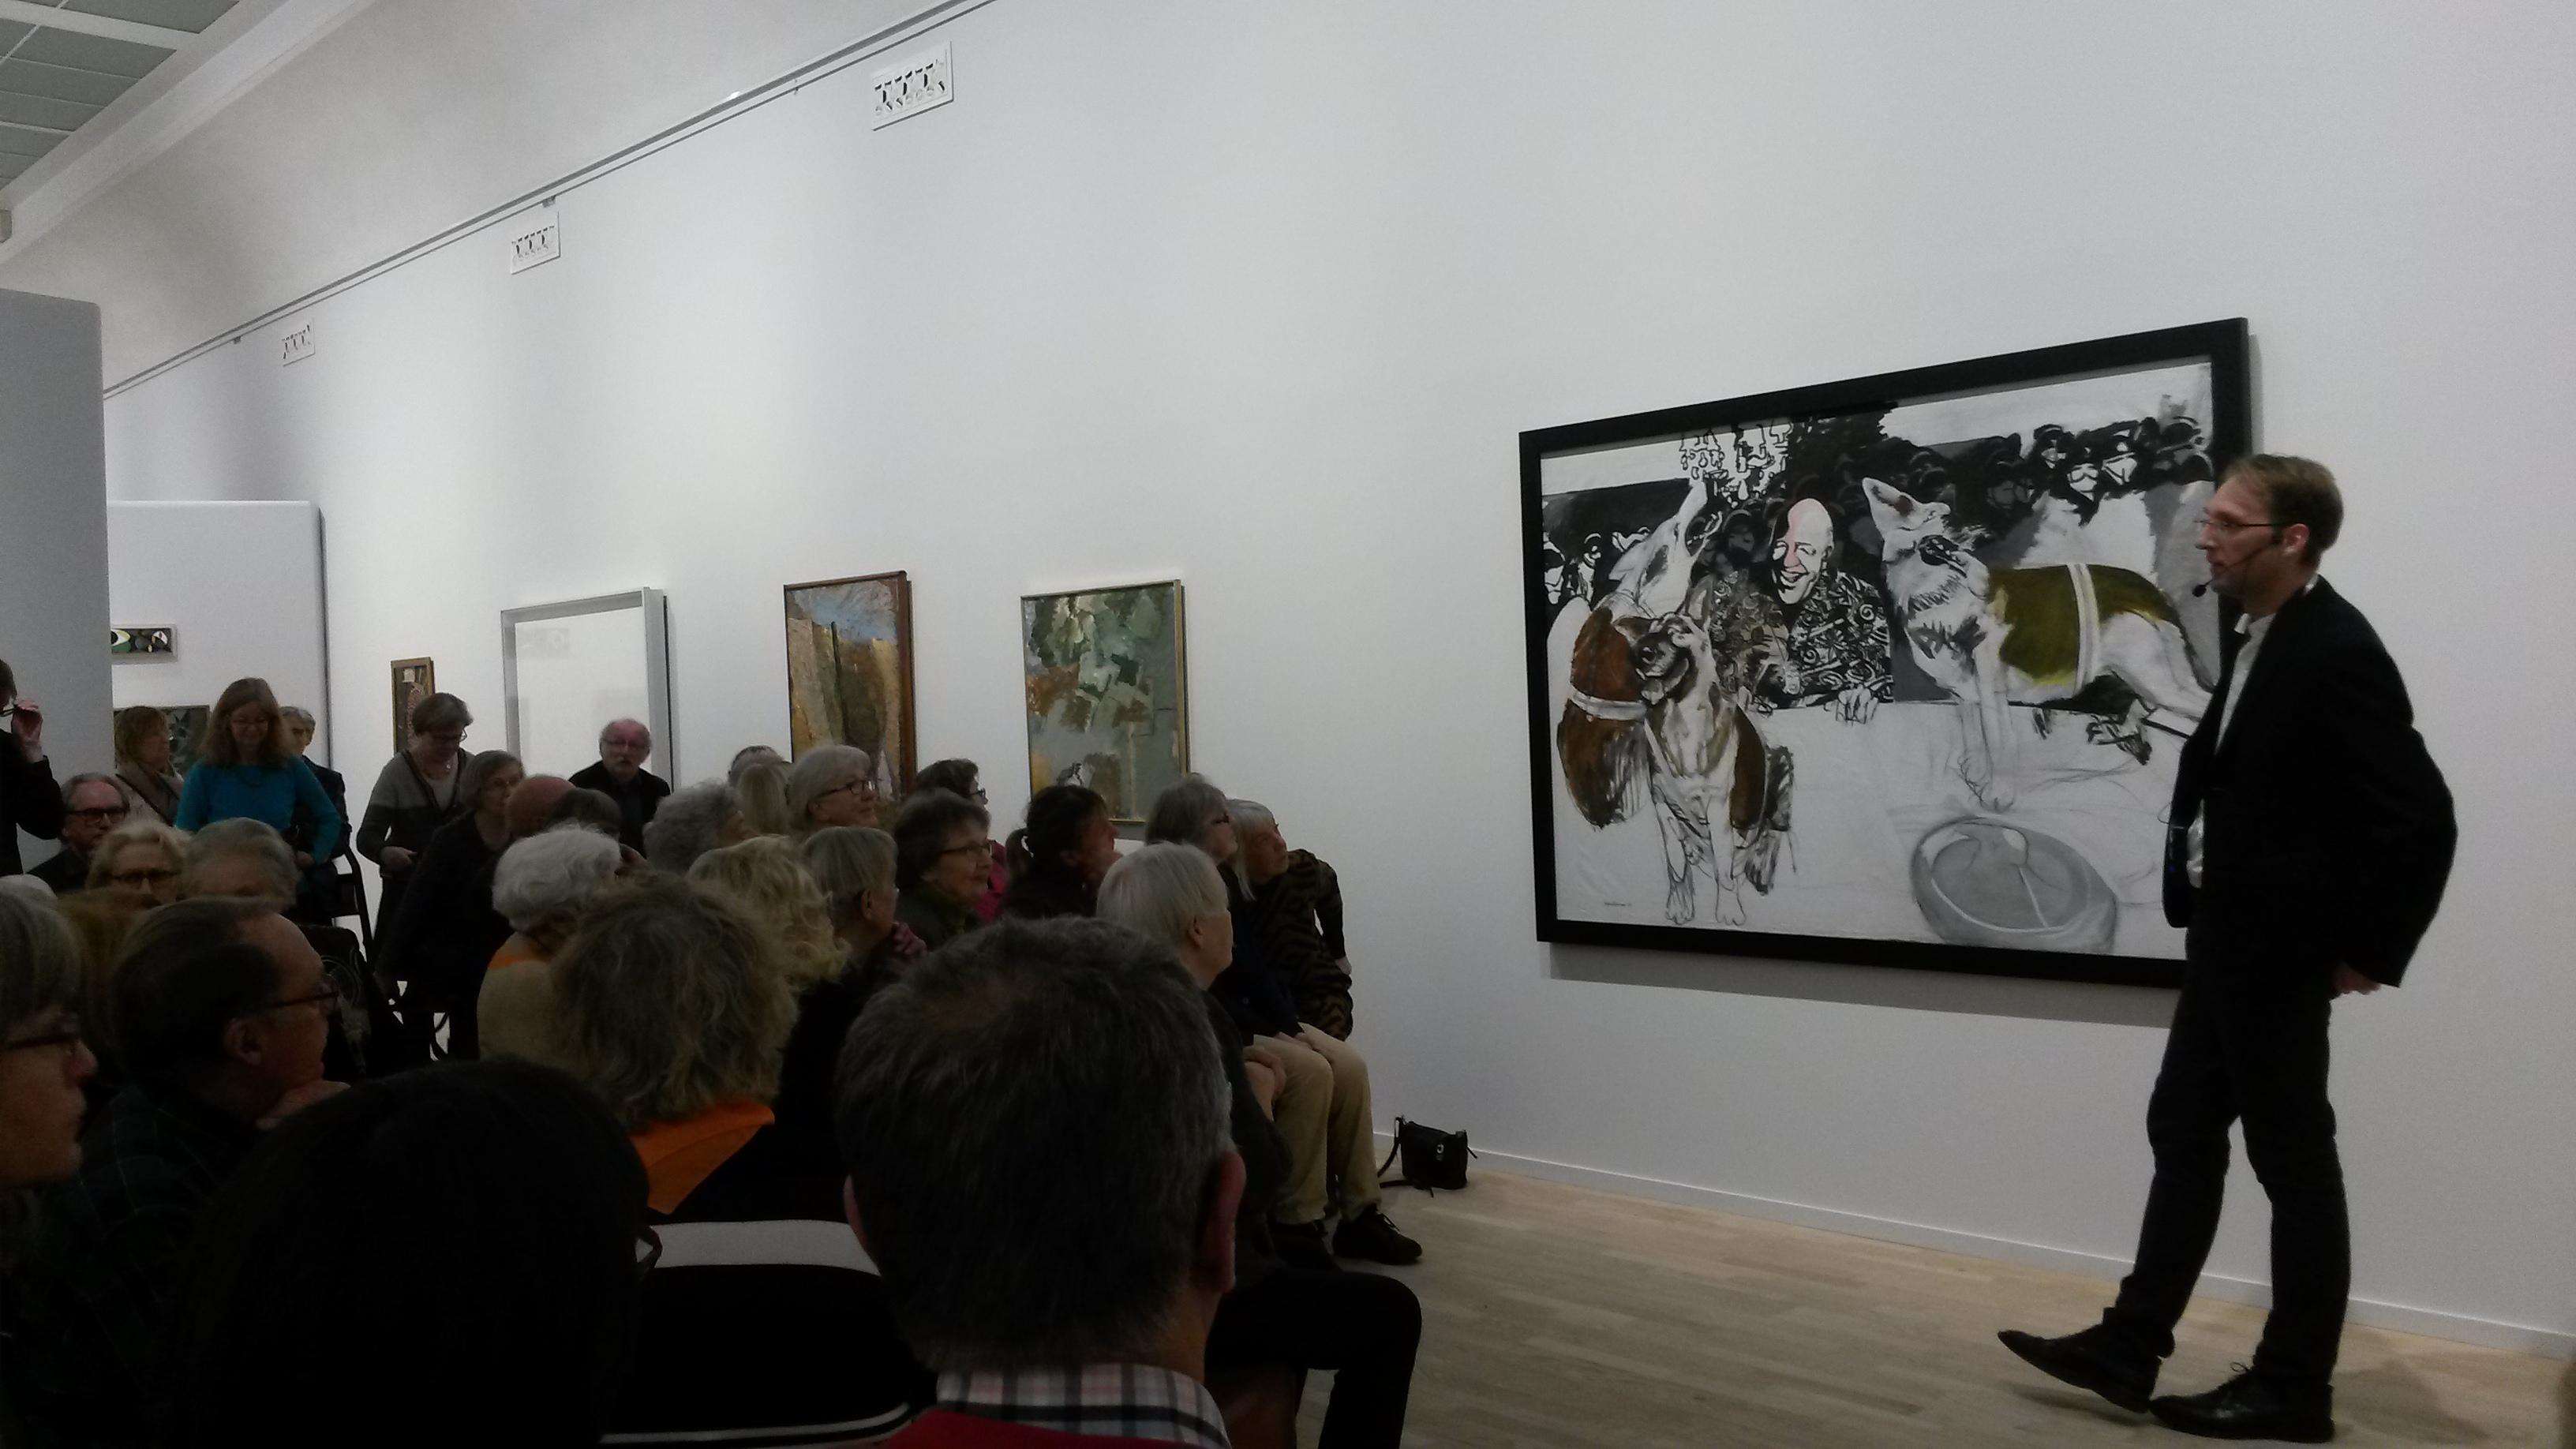 Martin Sundberg med Vännerna intill konstverket Lag och ordning av Stefan Teleman, införskaffat 2012.